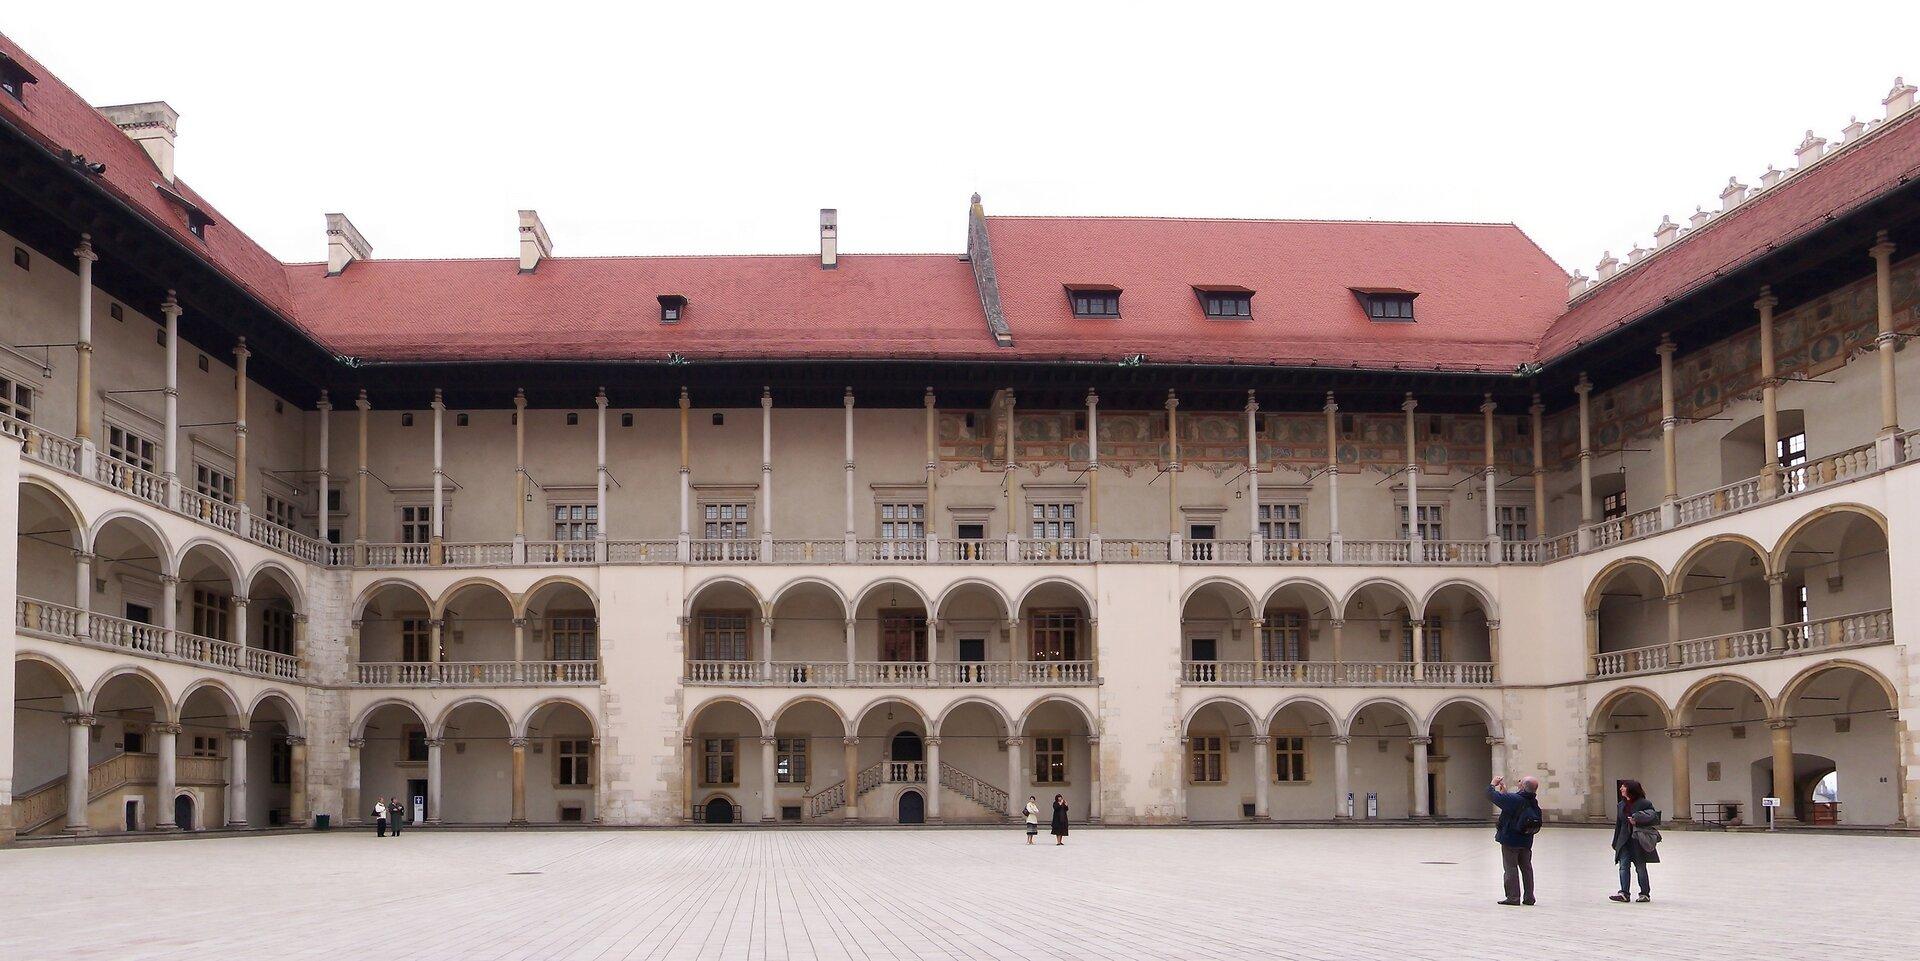 Dziedziniec krużgankowy na Wawelu Źródło: Jan Mehlich, Dziedziniec krużgankowy na Wawelu, 2008, fotografia, licencja: CC BY-SA 3.0.